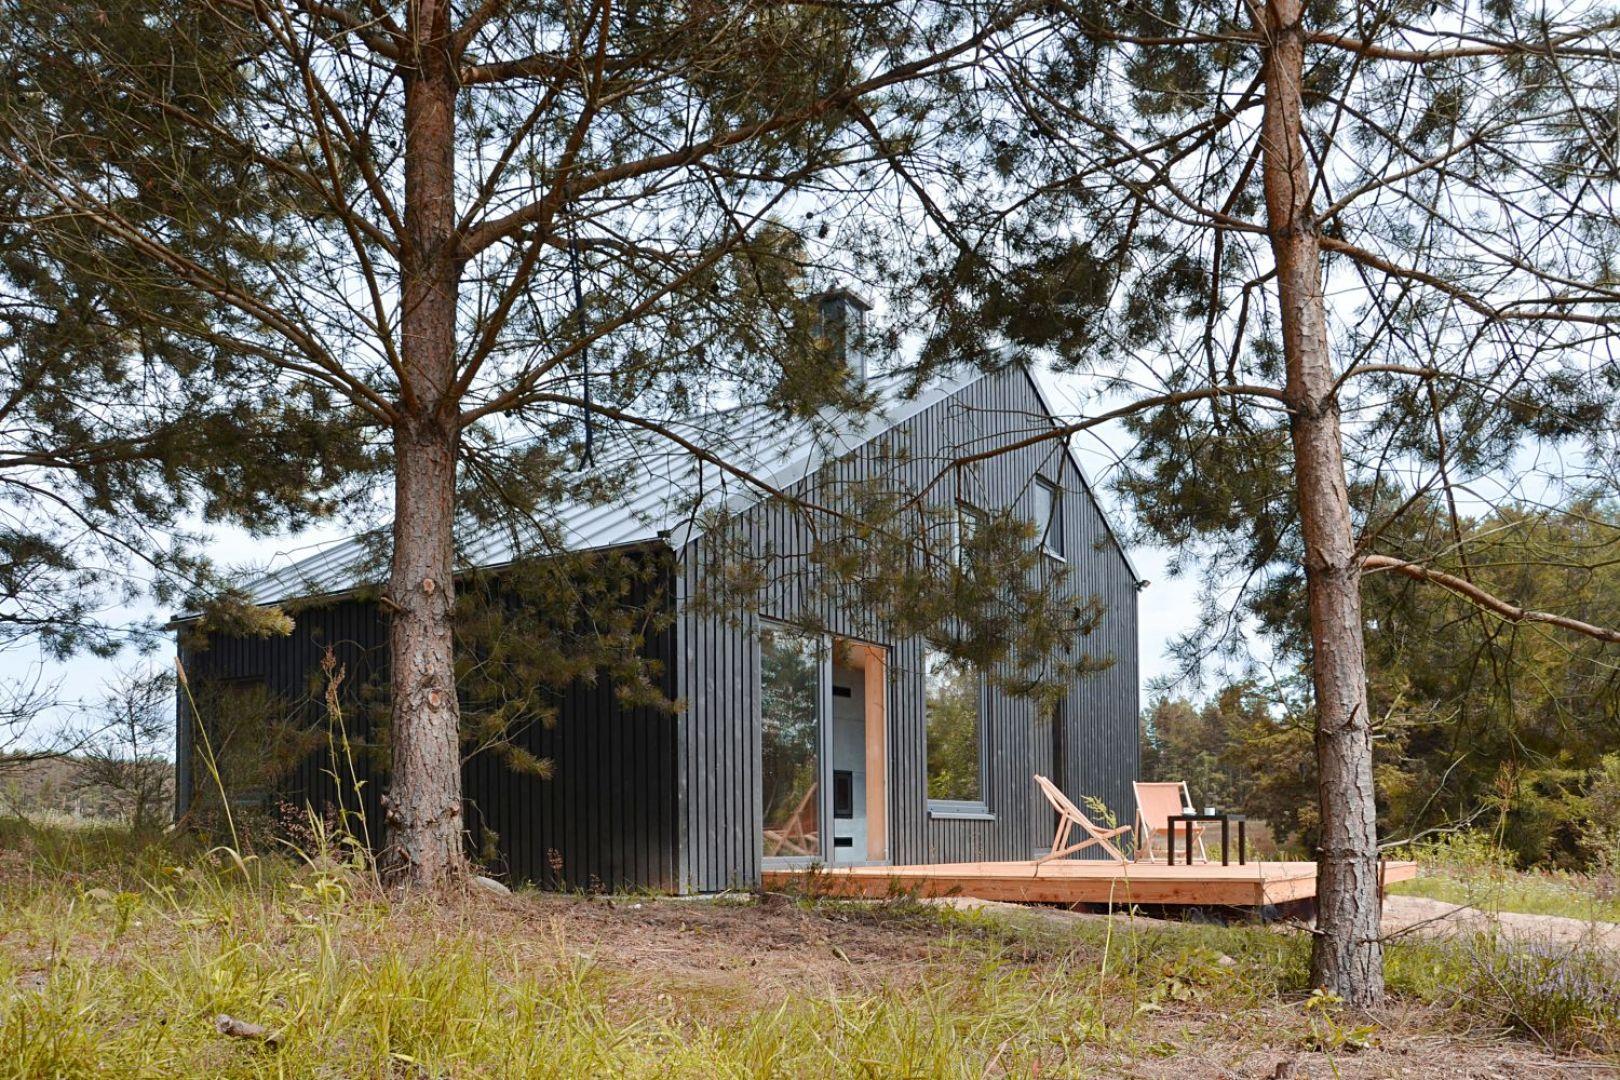 Dom został przystosowany do całorocznego użytkowaniu. Można tu więc w bliskim kontakcie z naturą odpoczywać o każdej porze roku. Projekt i zdjęcia: architekt Grzegorz Layer